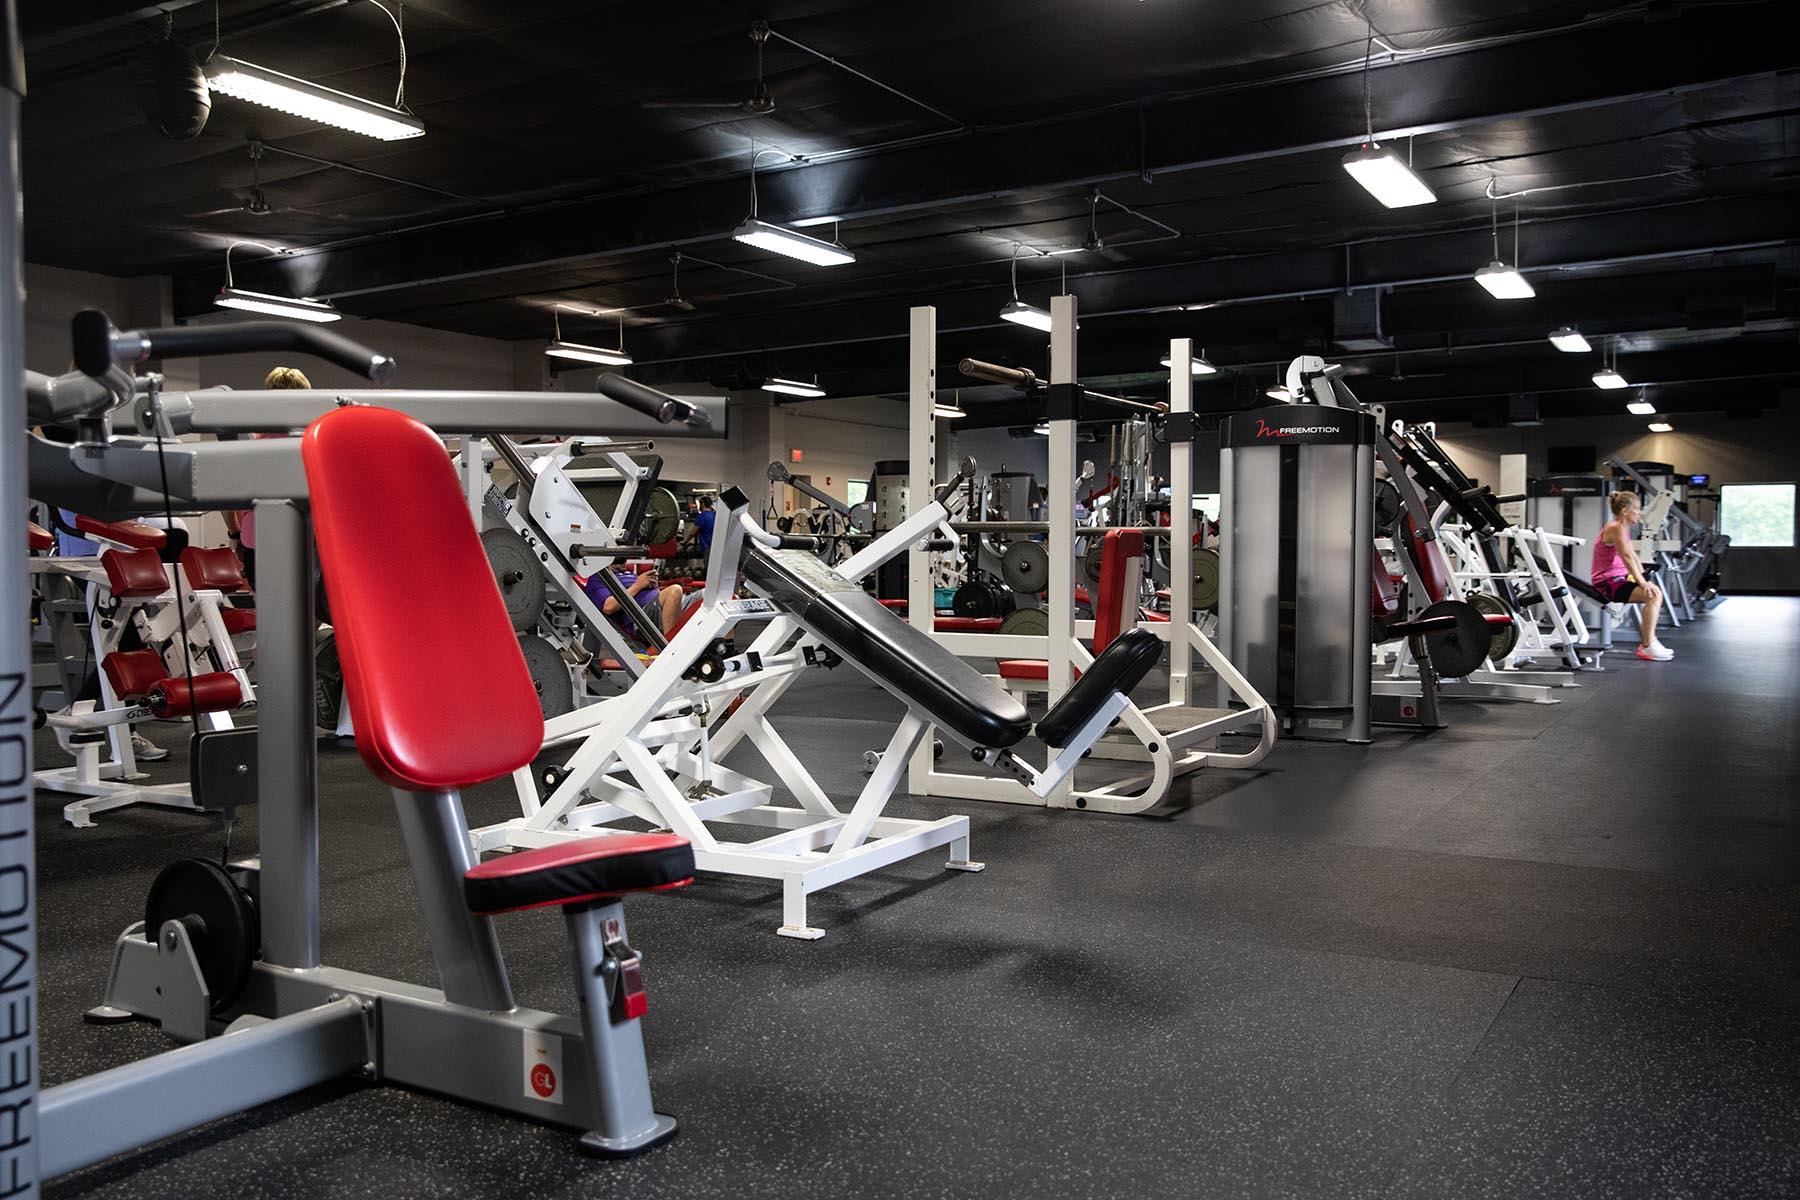 Bk-Fitness